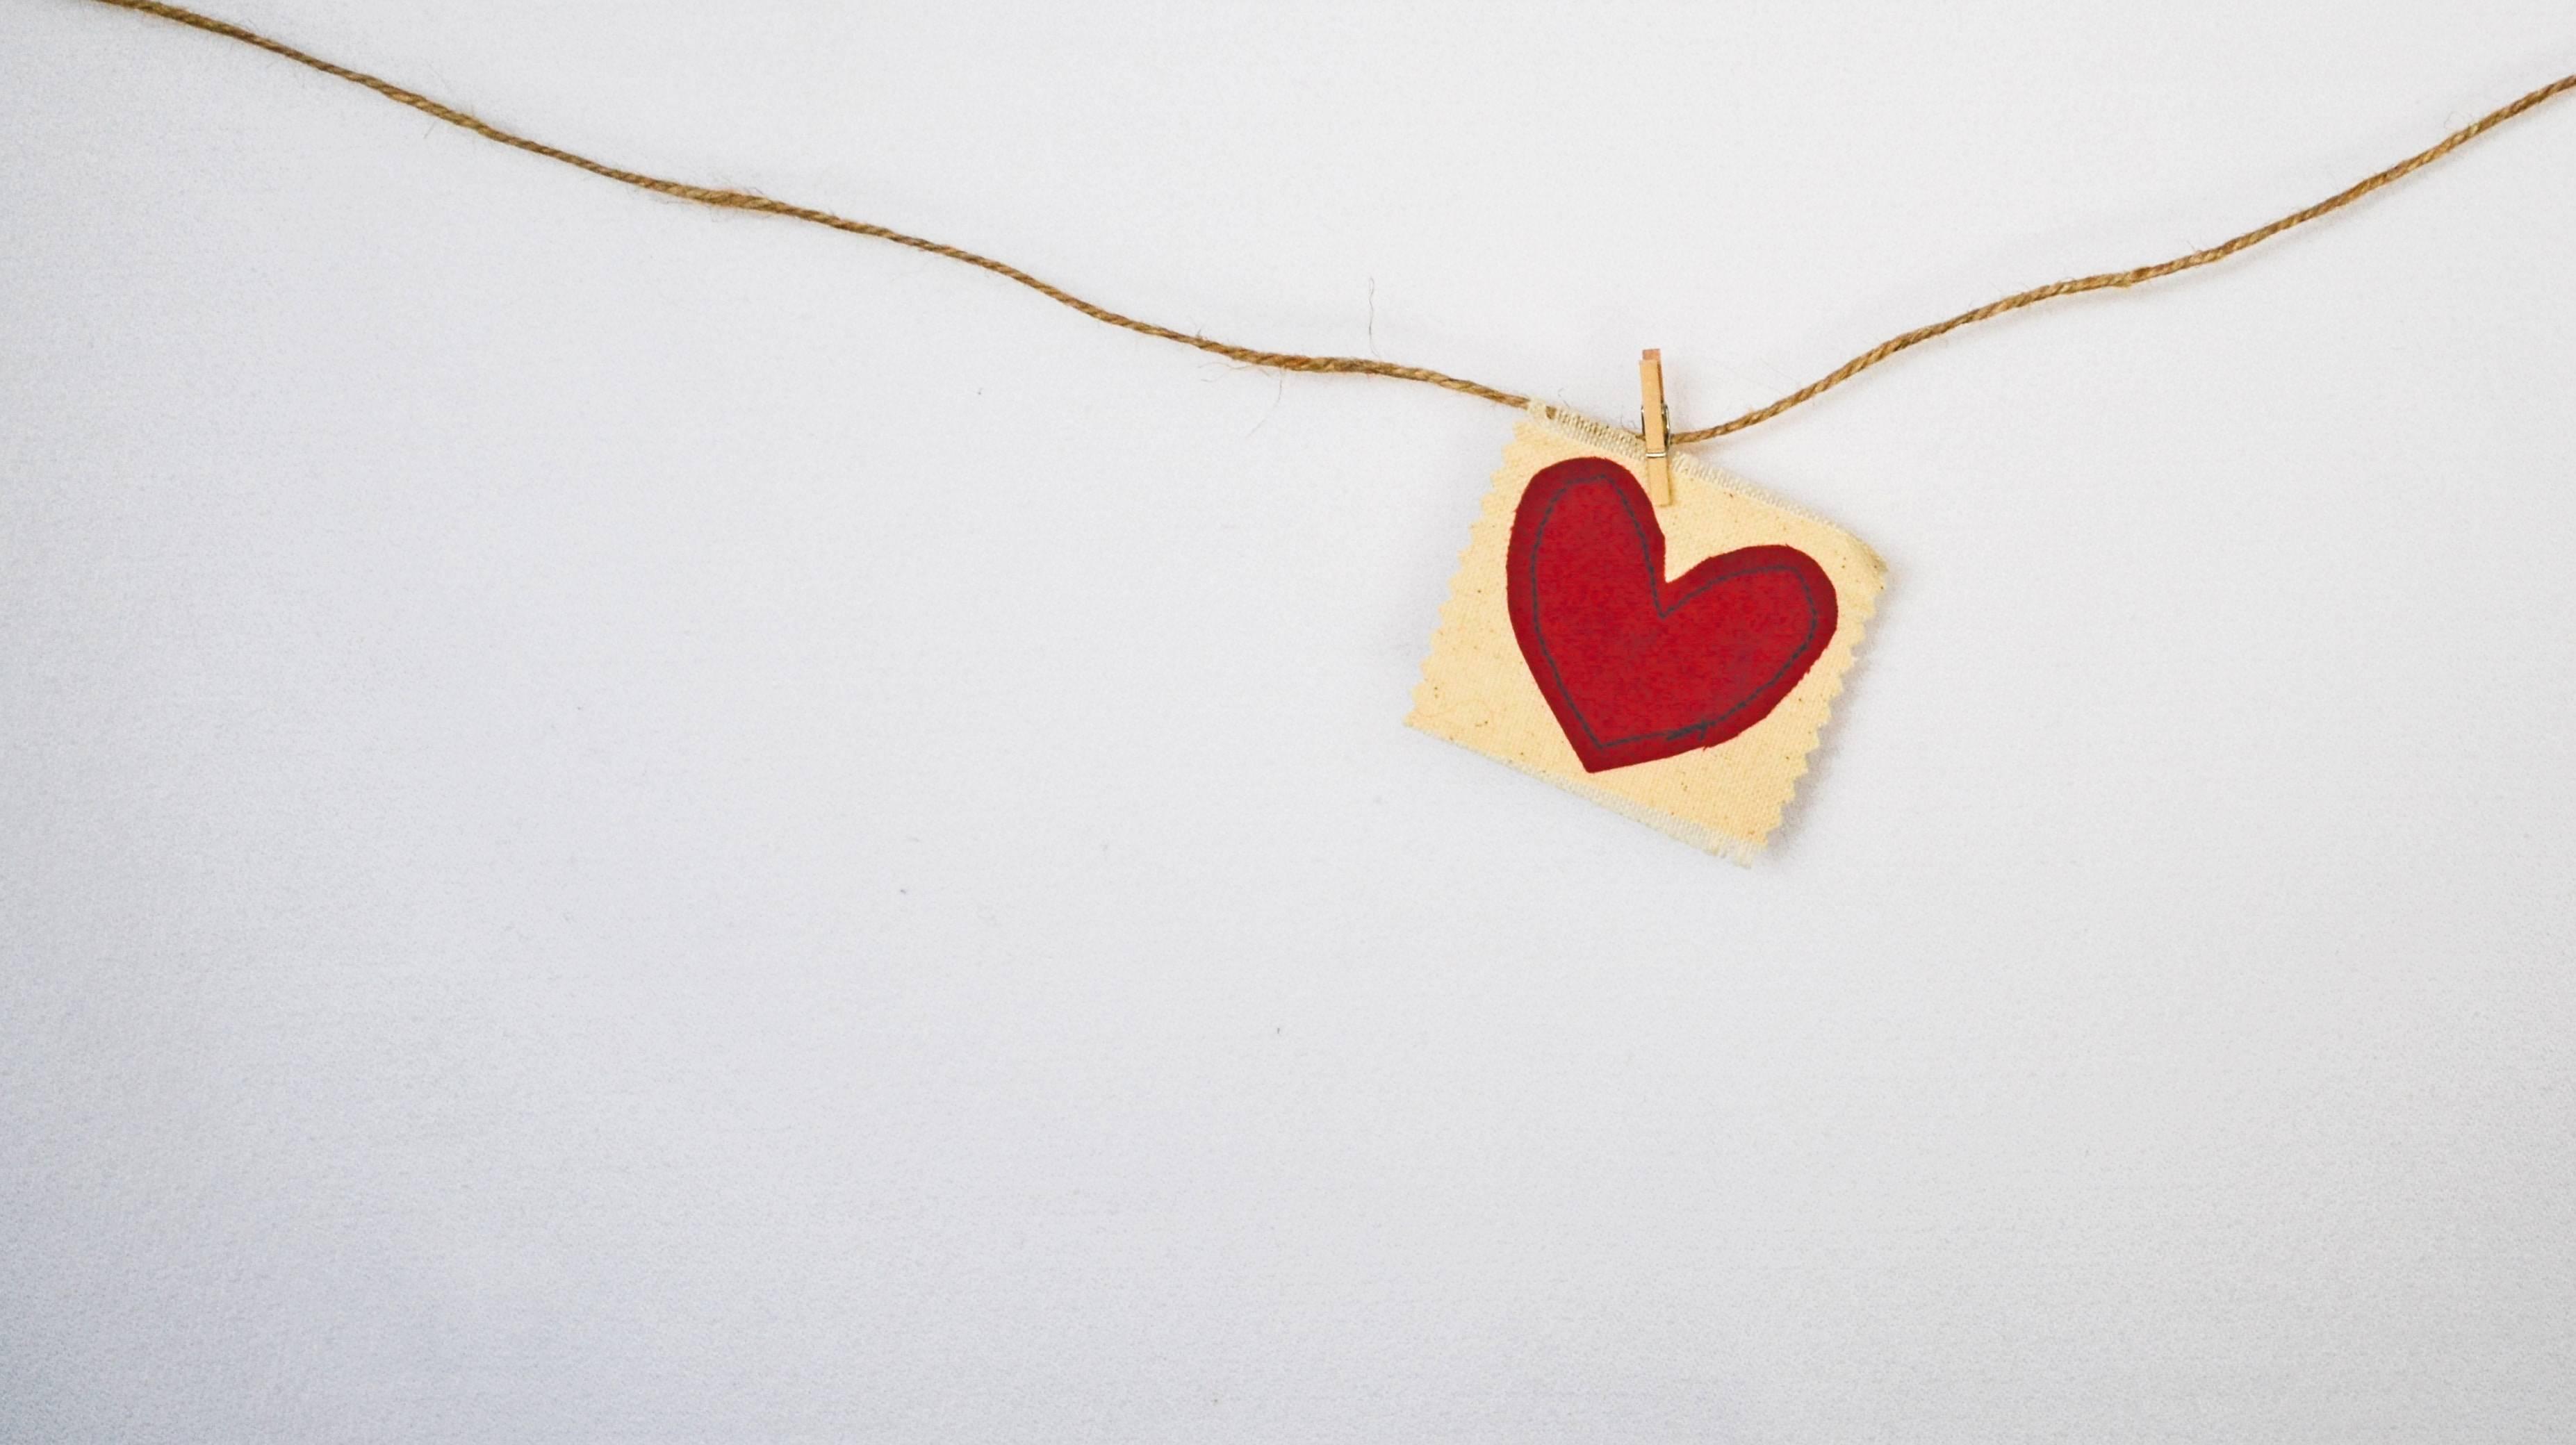 Психология: виртуальная любовь - бесплатные статьи по психологии в доме солнца